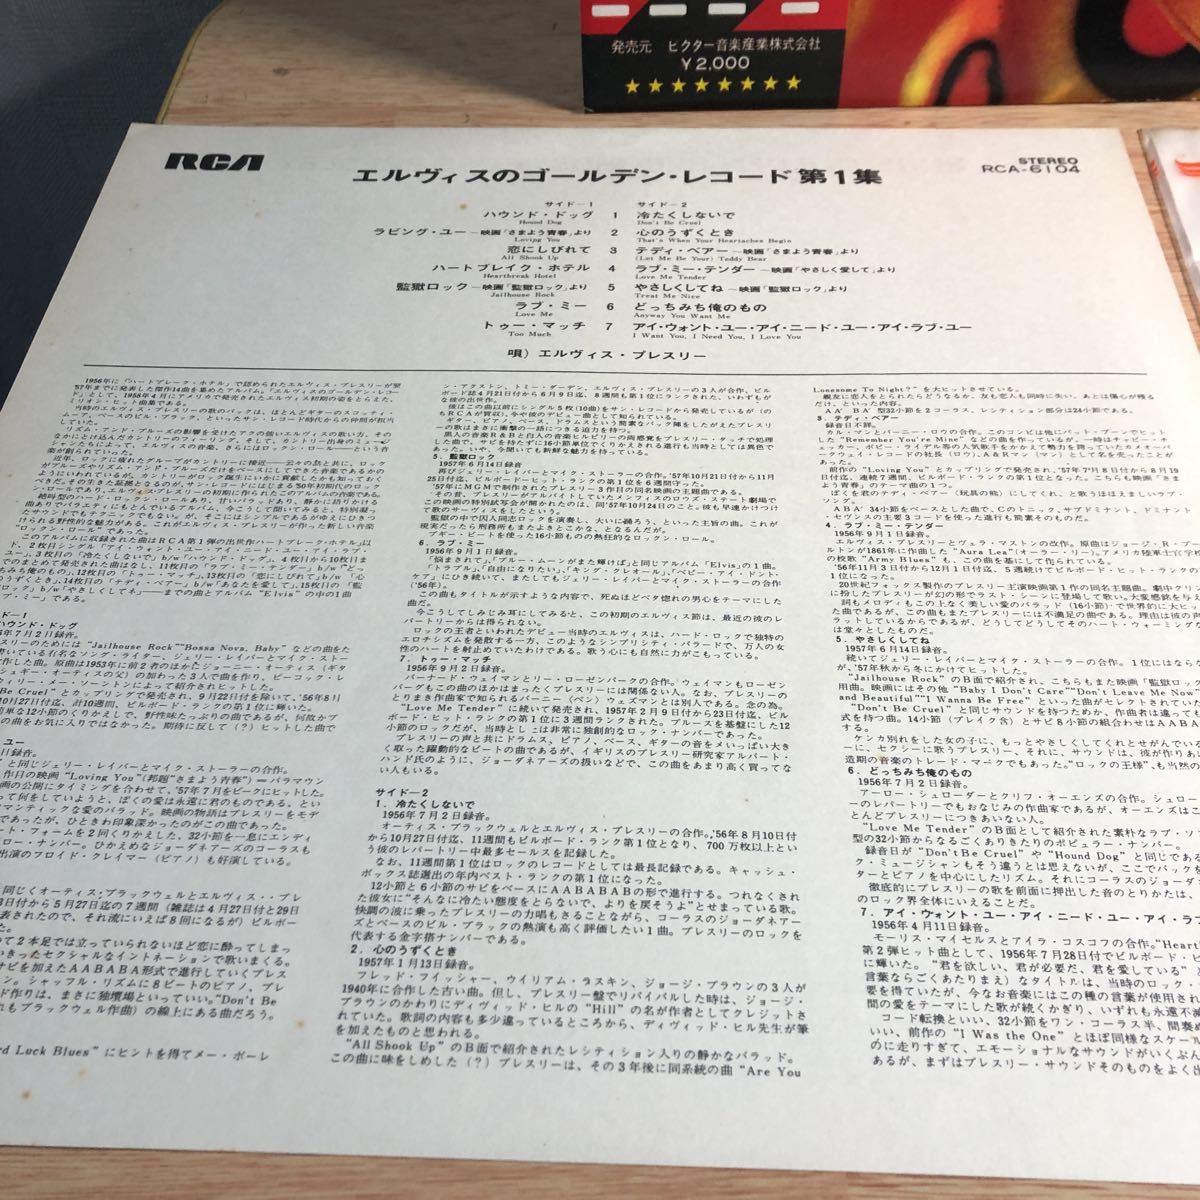 レア盤★LPレコード★エルヴィス・プレスリー★エルヴィスのゴールデン・レコード第1集★ 是非この機会に レコード多数出品中_画像3